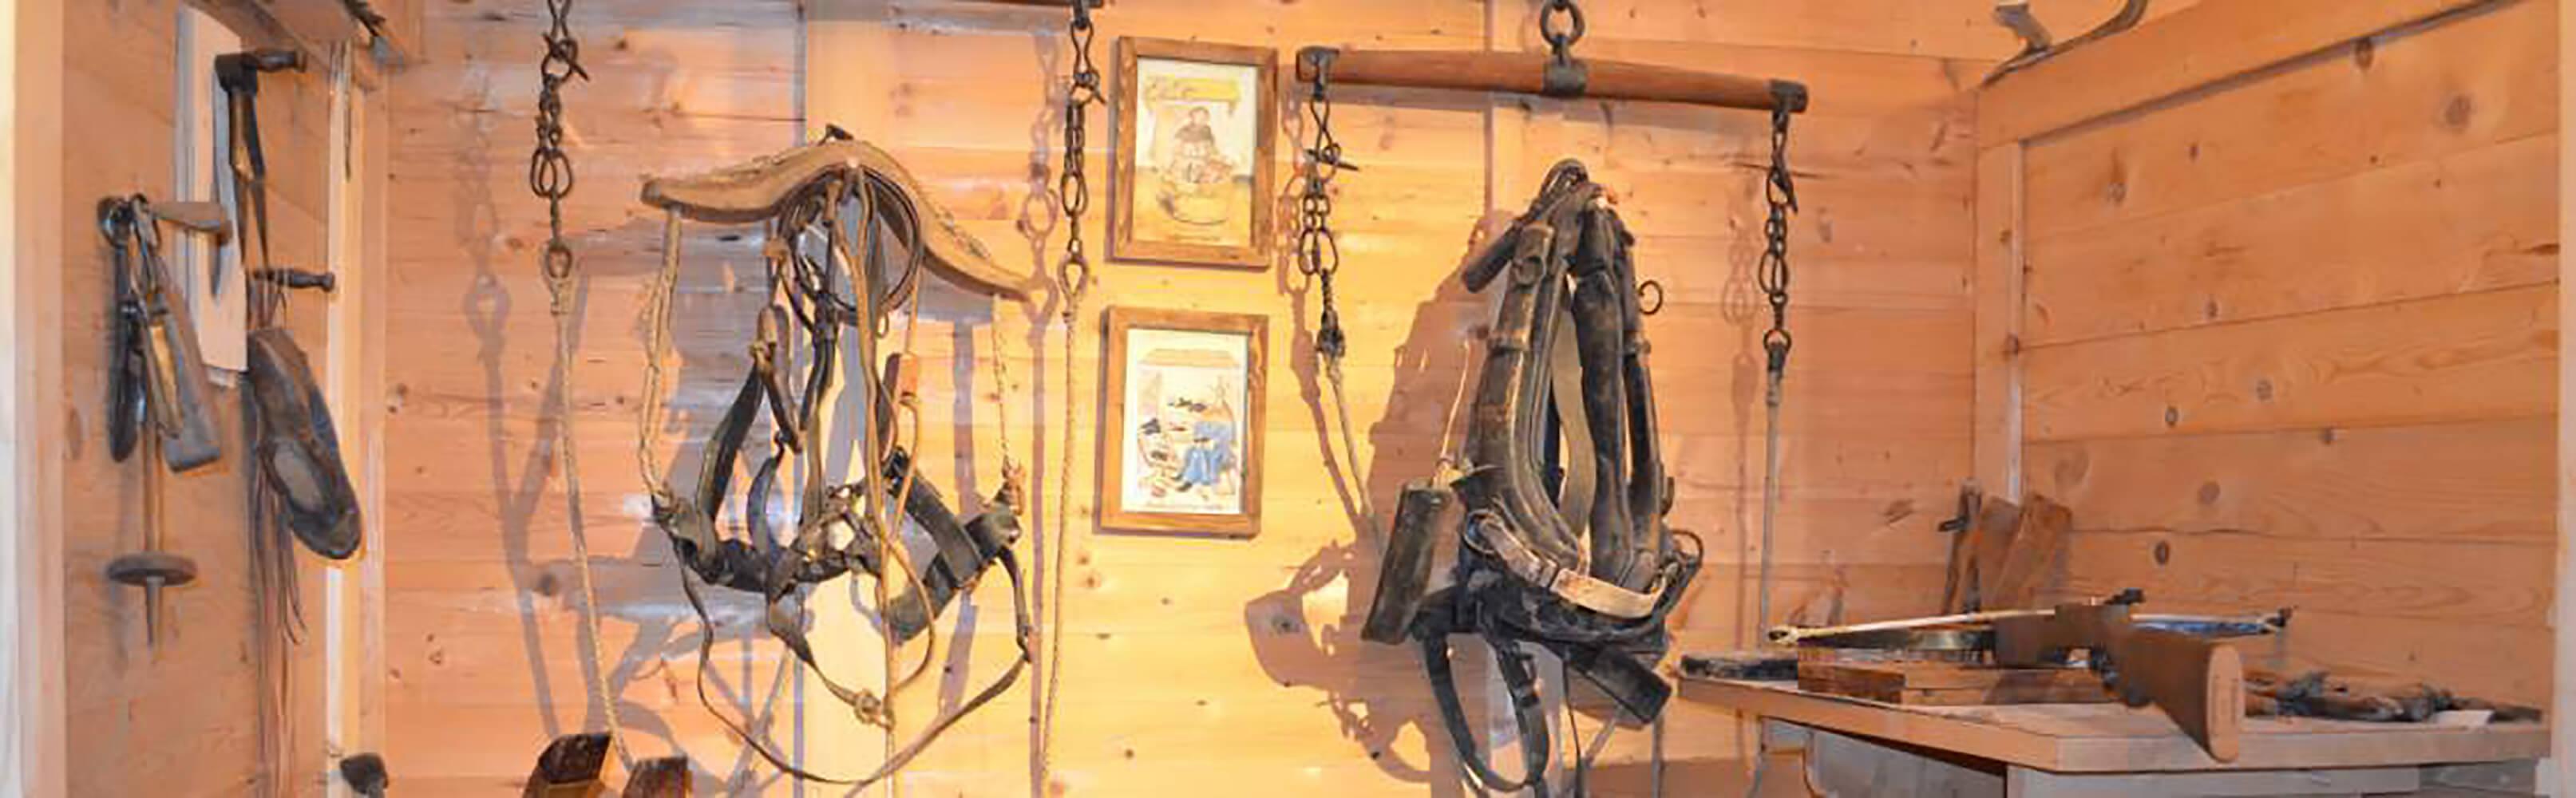 Rundgang durch die historische Armbrustwerkstatt 1